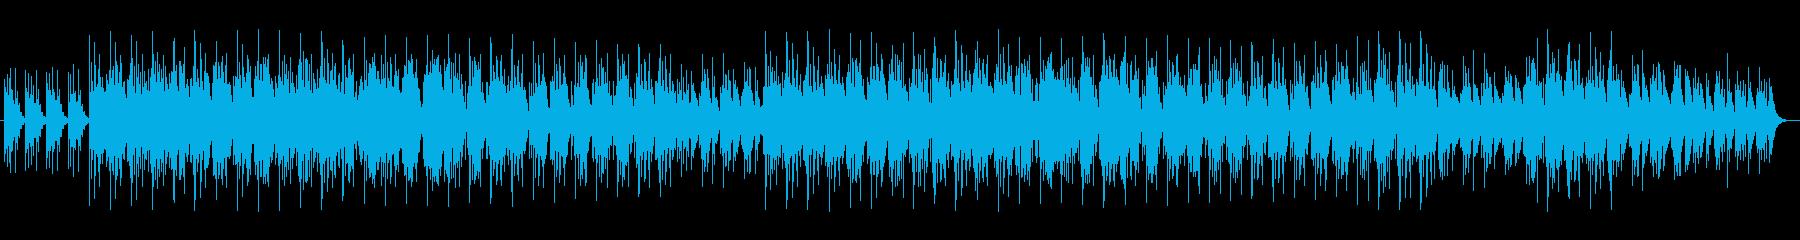 伝統や神秘を端的に表現した楽曲の再生済みの波形